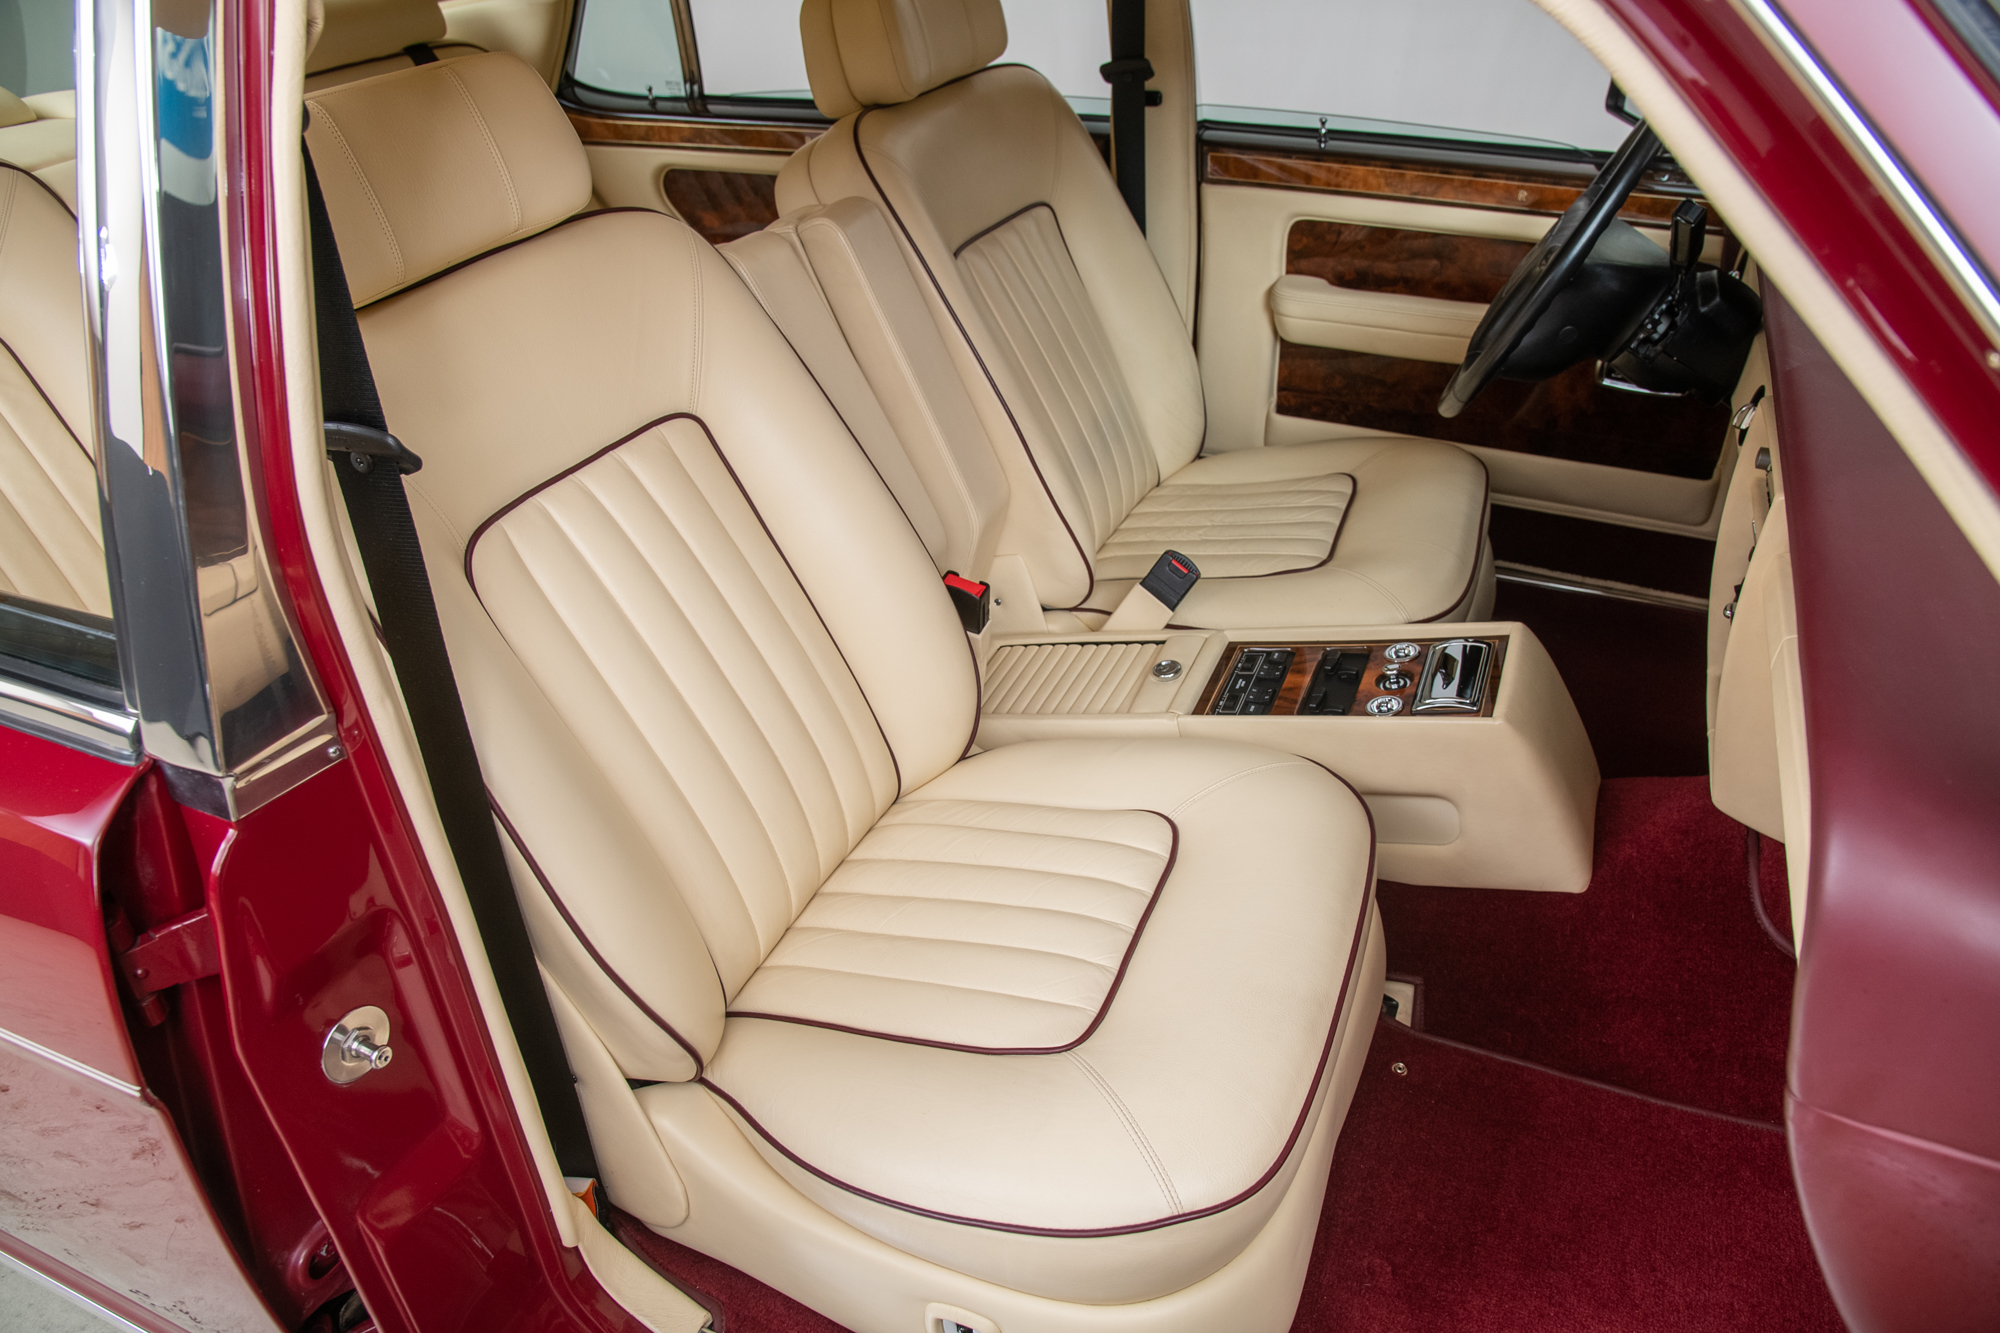 1990 Rolls-Royce Silver Spur II , BORDEAUX RED, VIN SCAZN02D9LCX32968, MILEAGE 22877